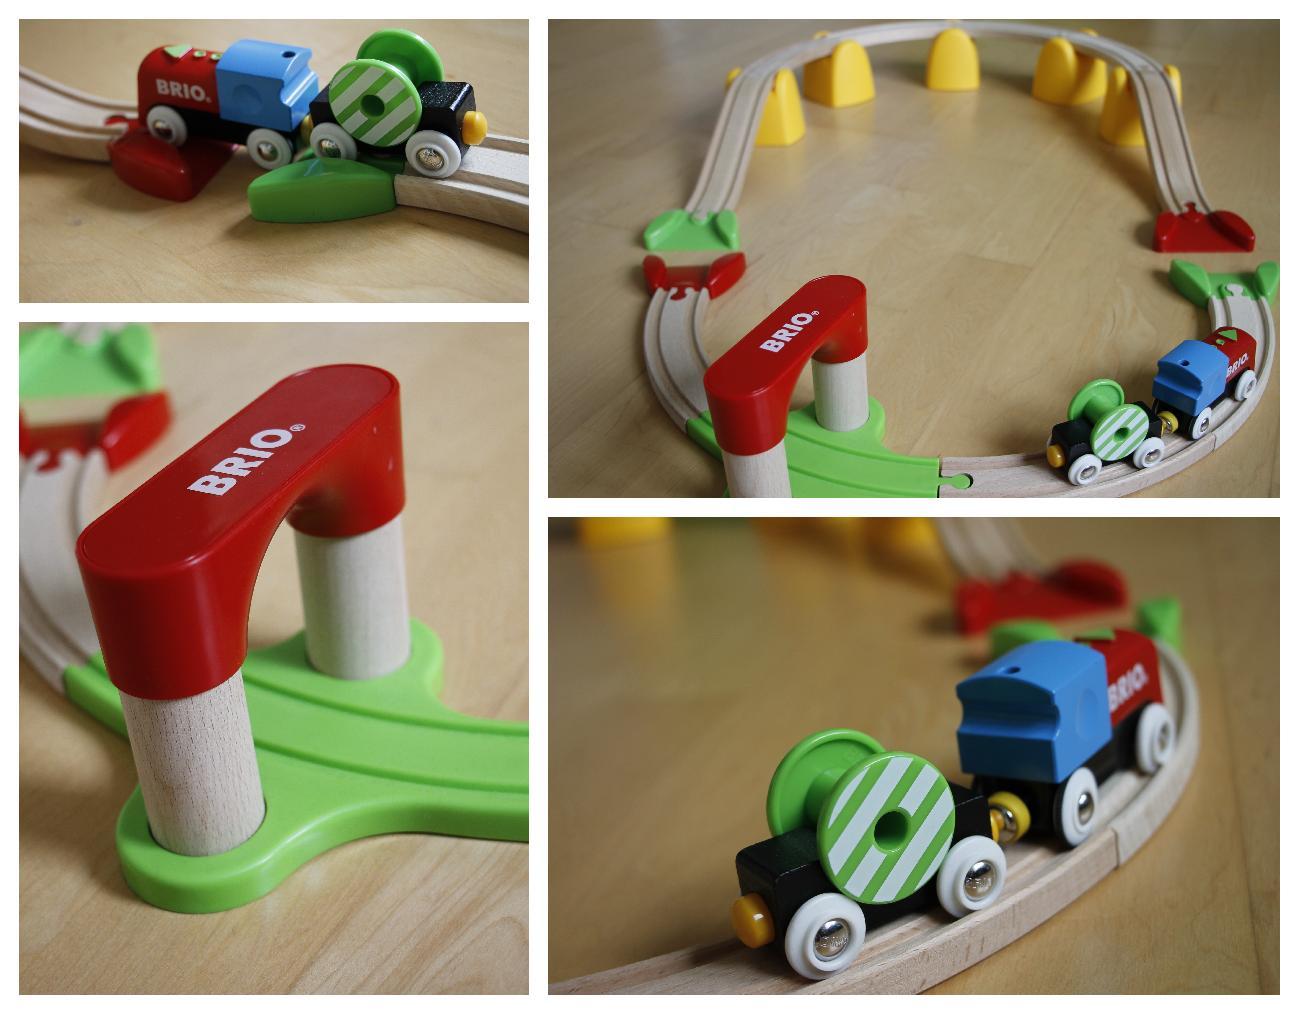 Brio Bahn für Kleinkinder